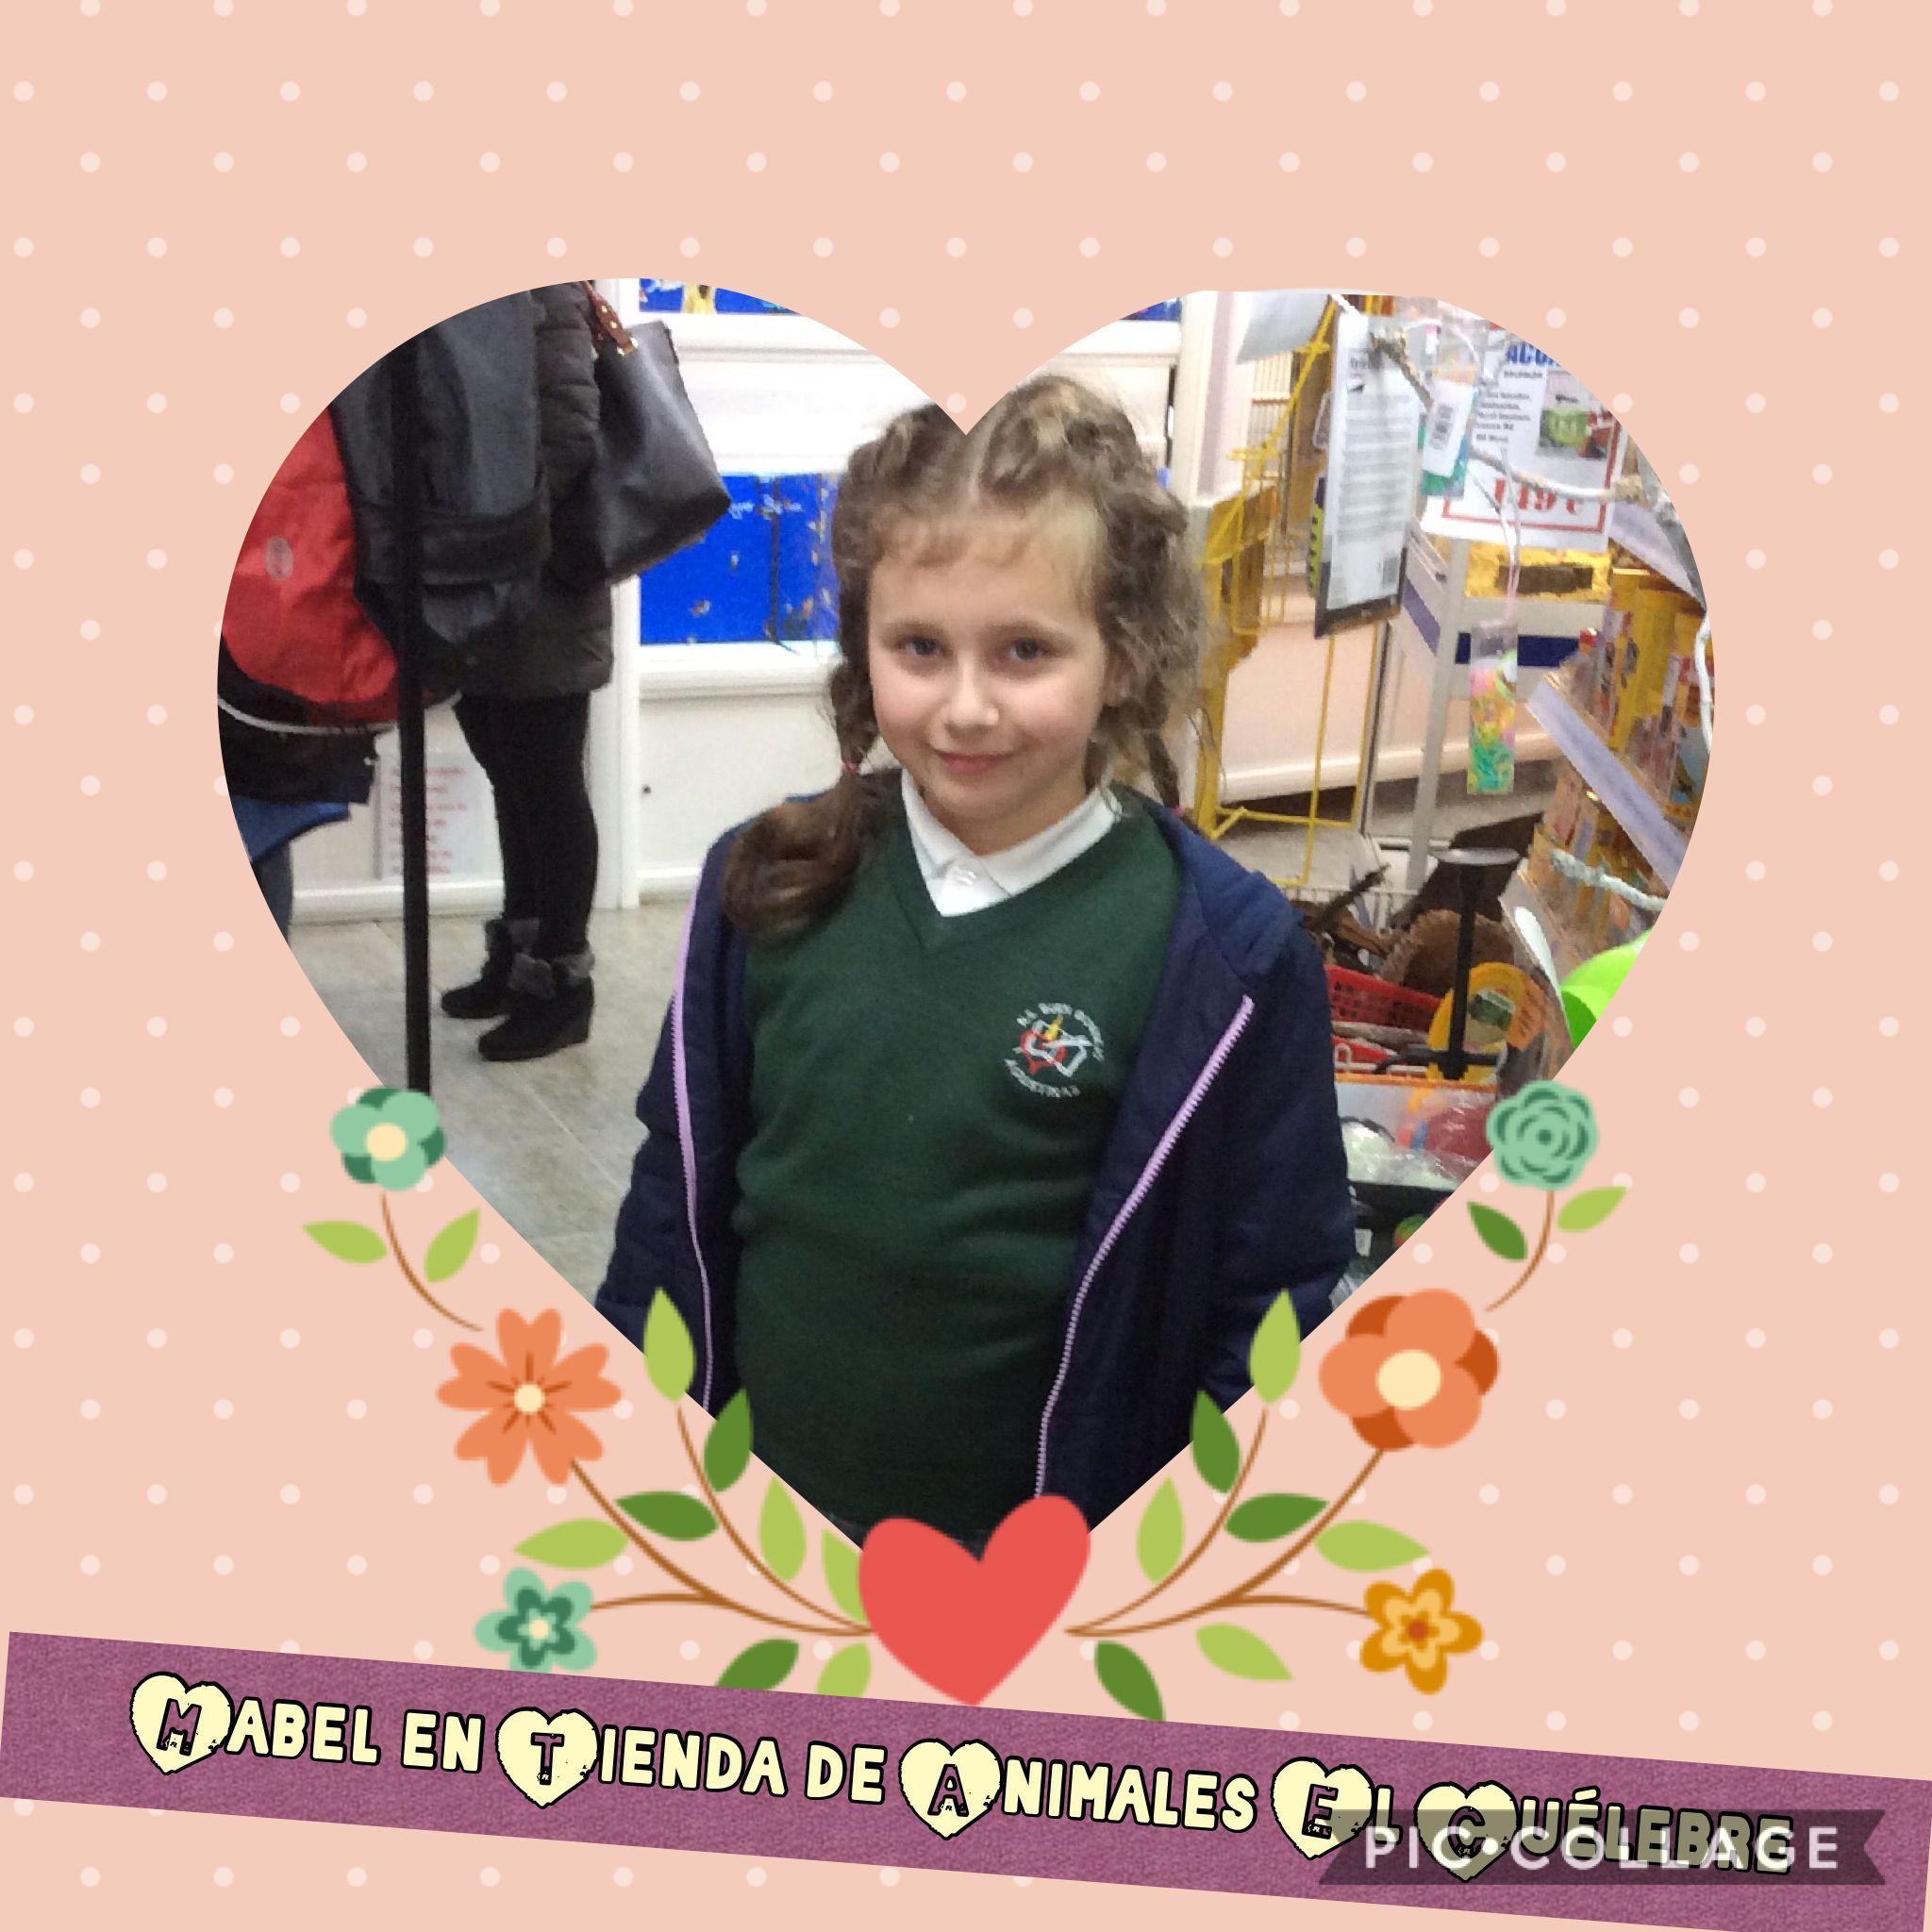 Mabel en Tienda de Animales El Cuélebre